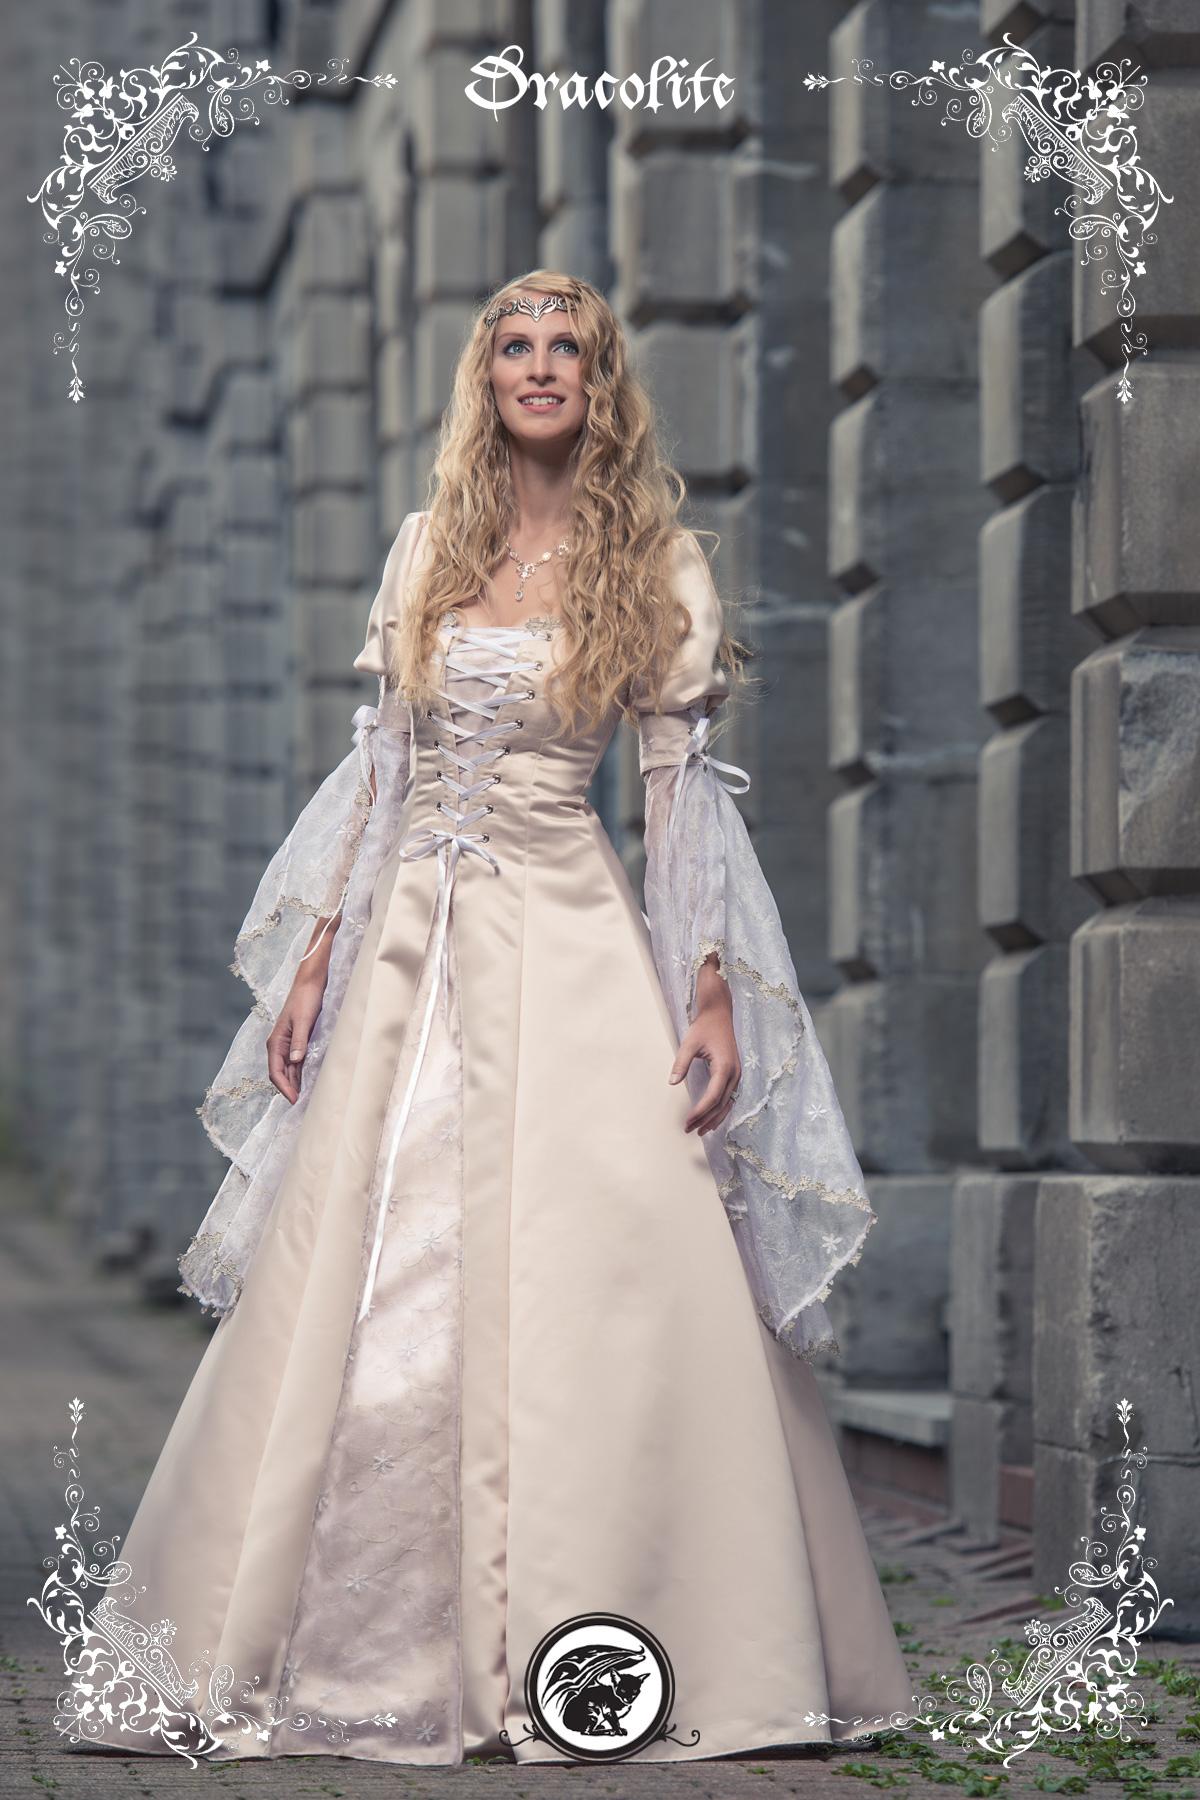 Assez Épinglé par florette sur Robe mariée | Pinterest | Robe mariée  AB87